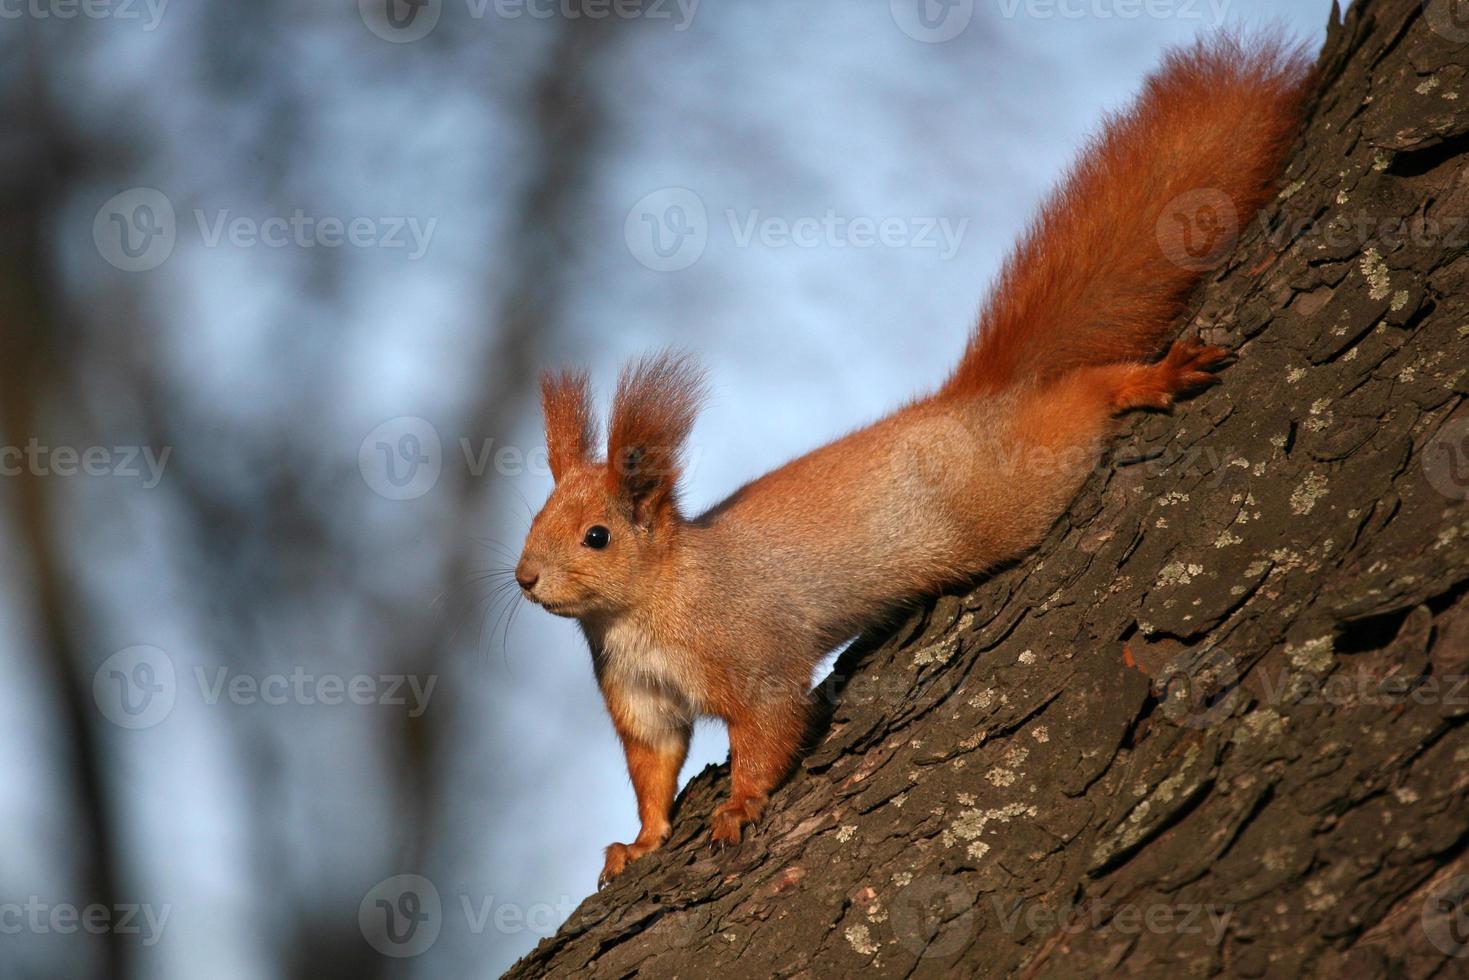 scoiattolo sull'albero alla luce del sole foto